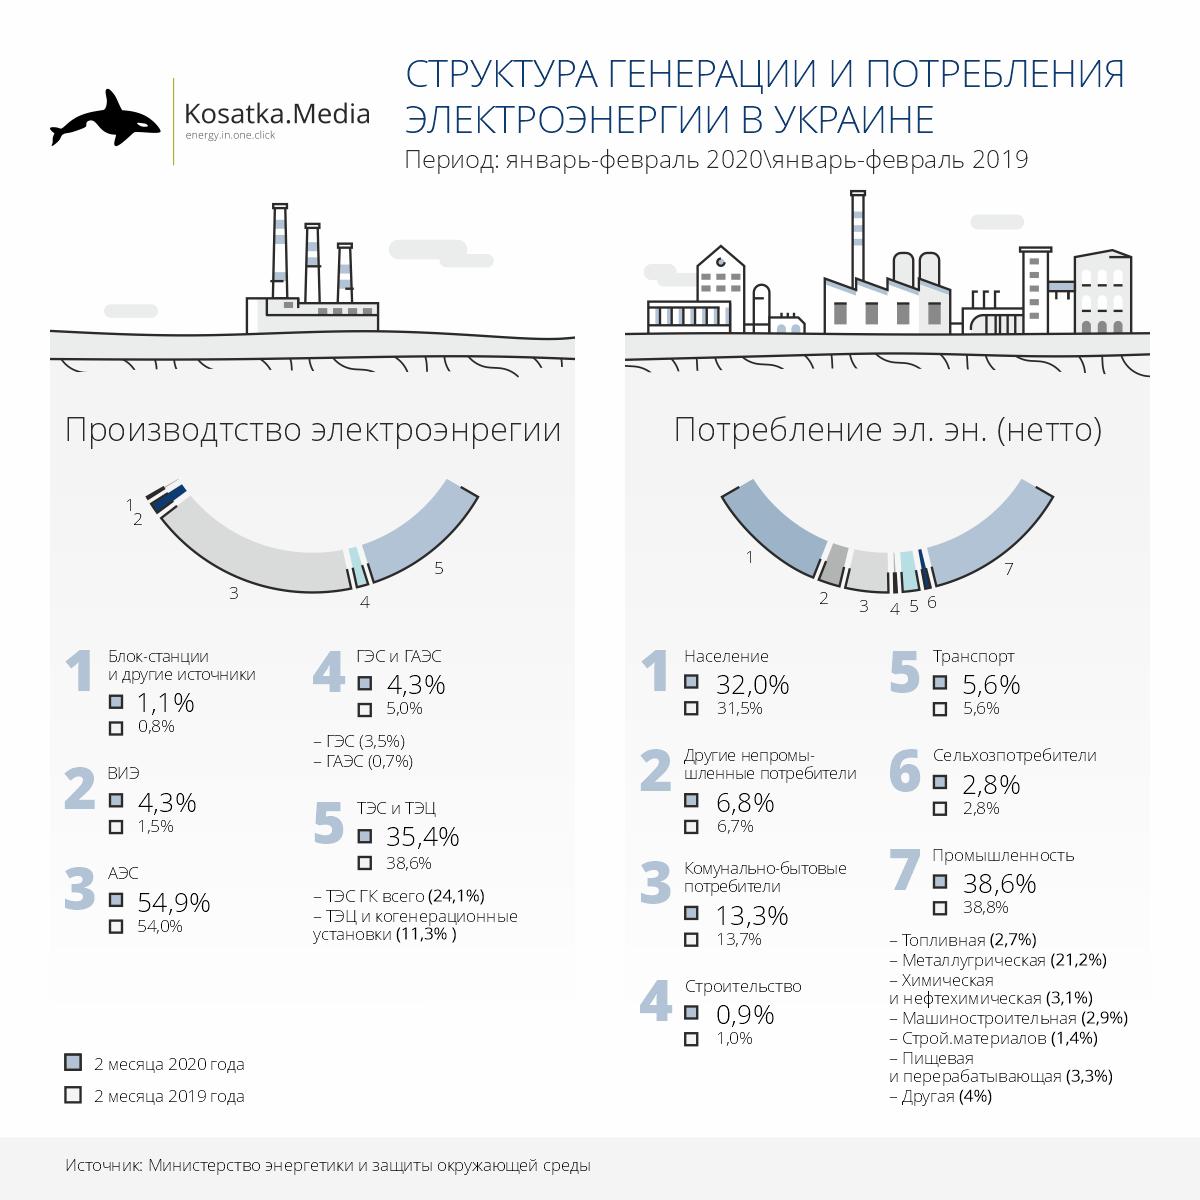 Структура генерации и потребления электроэнергии в Украине